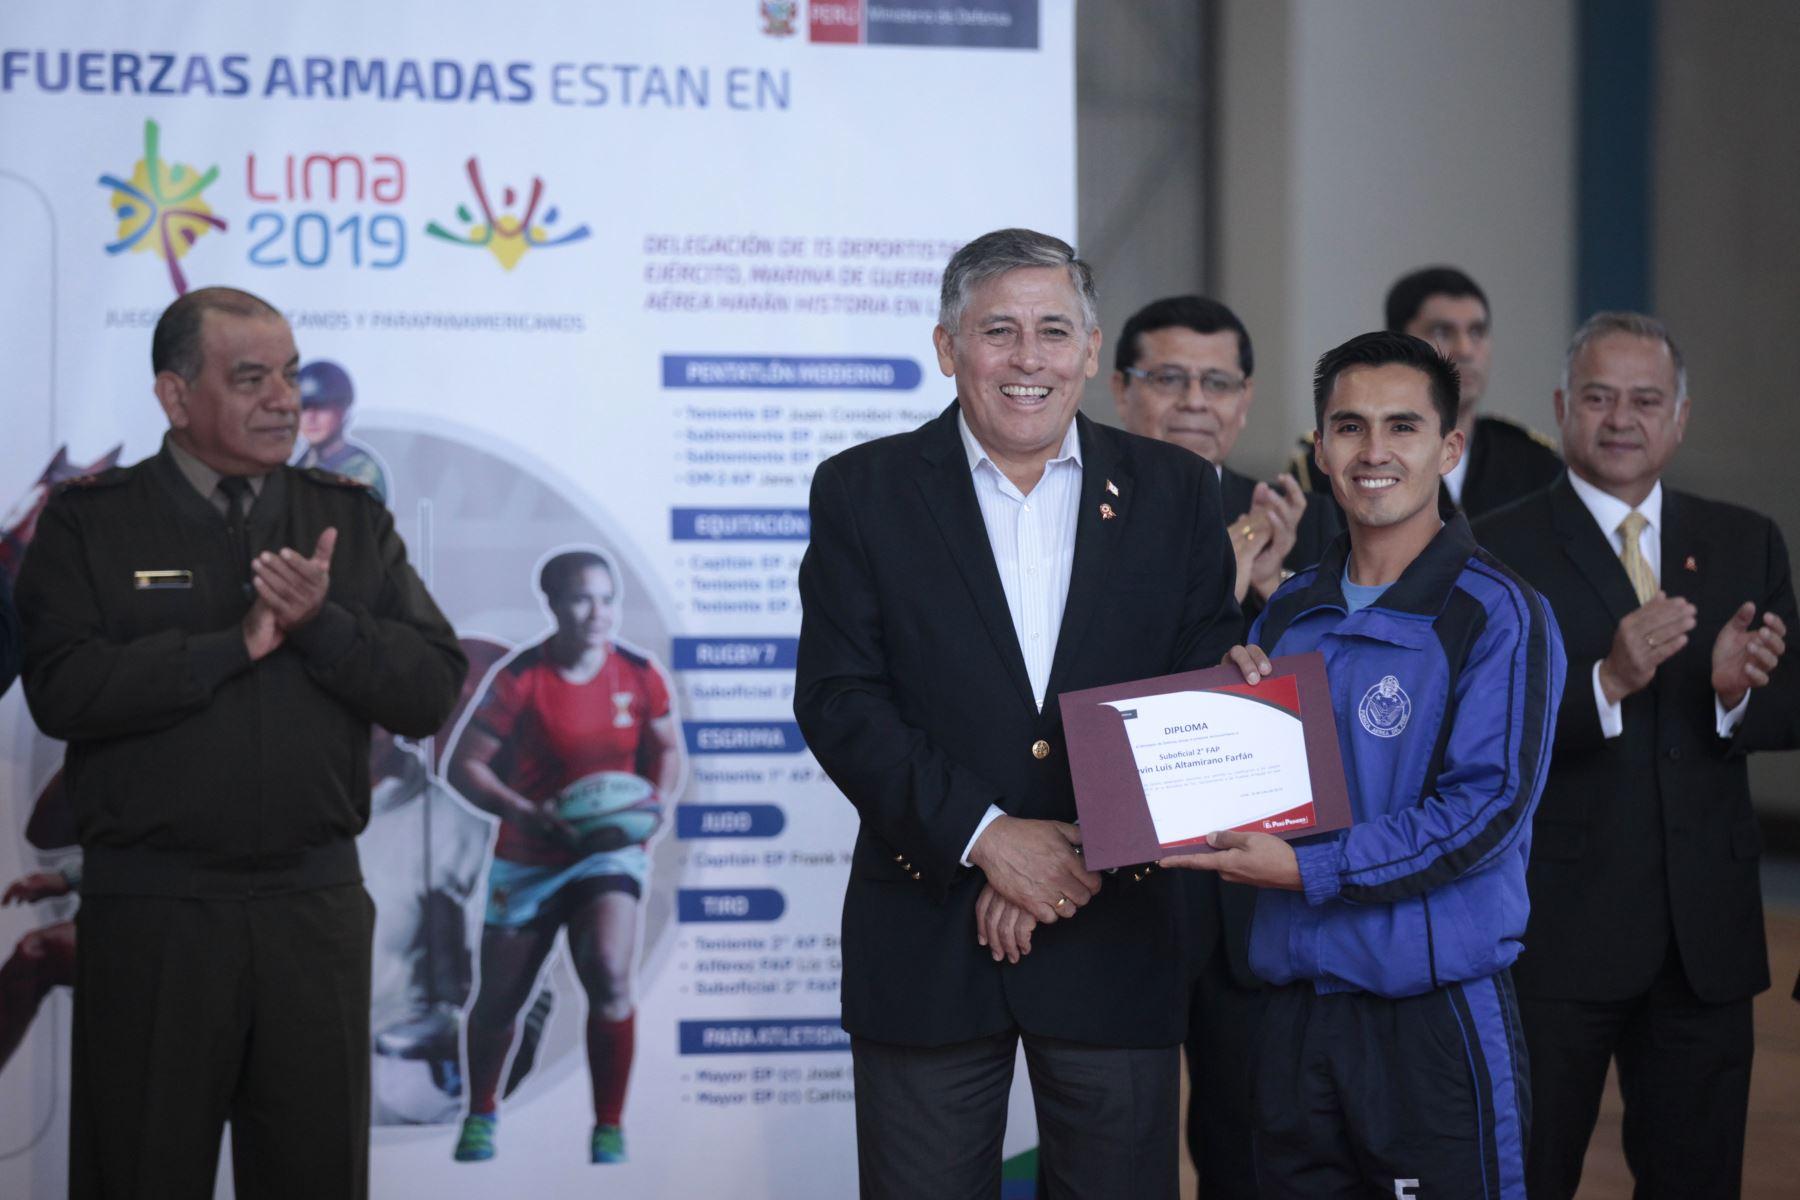 Ministro de Defensa presenta deportistas militares clasificados a los Juegos Panamericanos Lima 2019. Kevin Altamirano Farfán, deportista. Foto: ANDINA/Miguel Mejía Castro